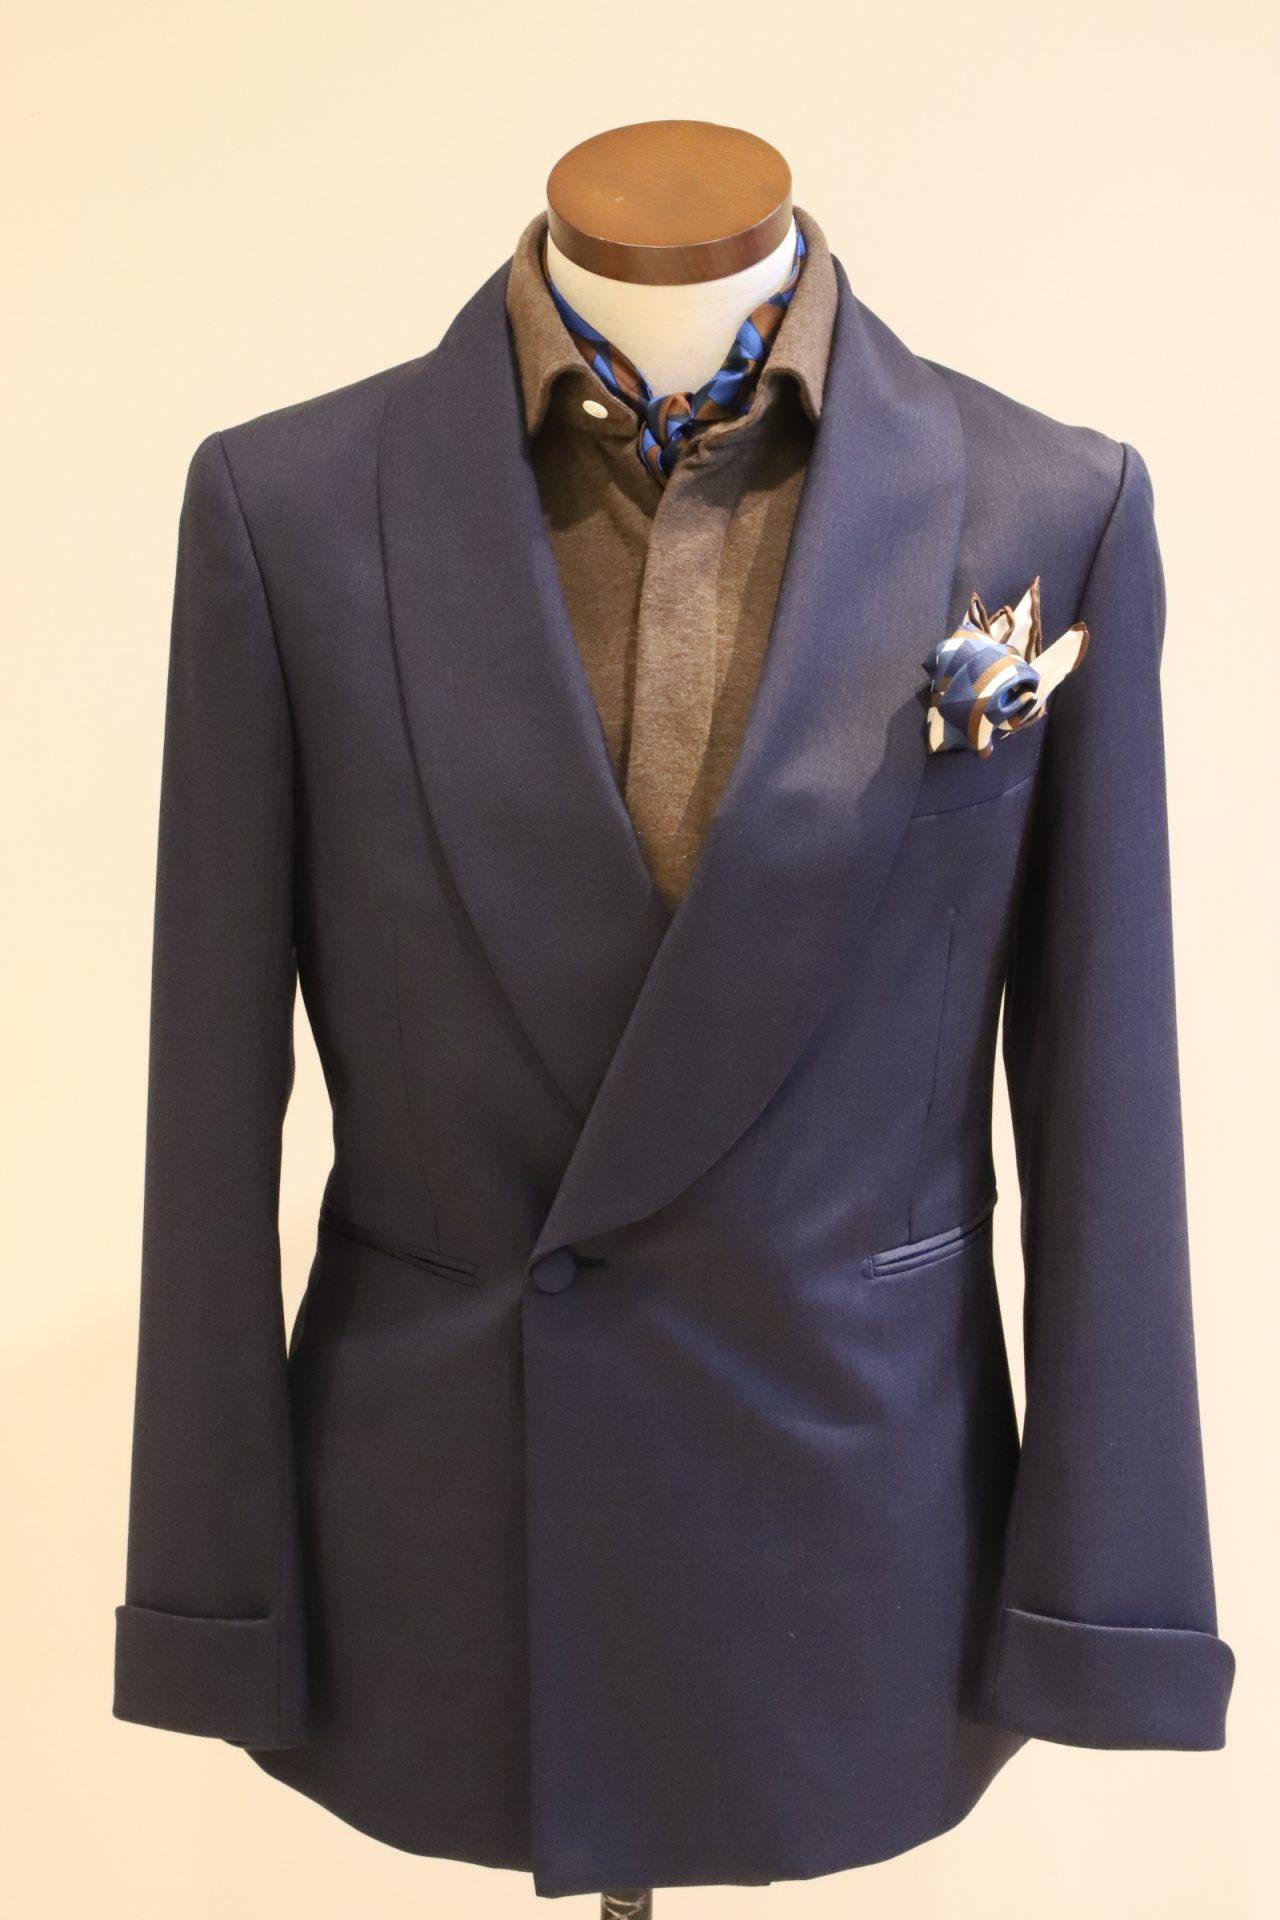 爽やかなブルーのタキシードと、ブラウンのシャツを合わせ、イタリアで好まれる「アズーロ・エ・マローネ」のコーディネート。